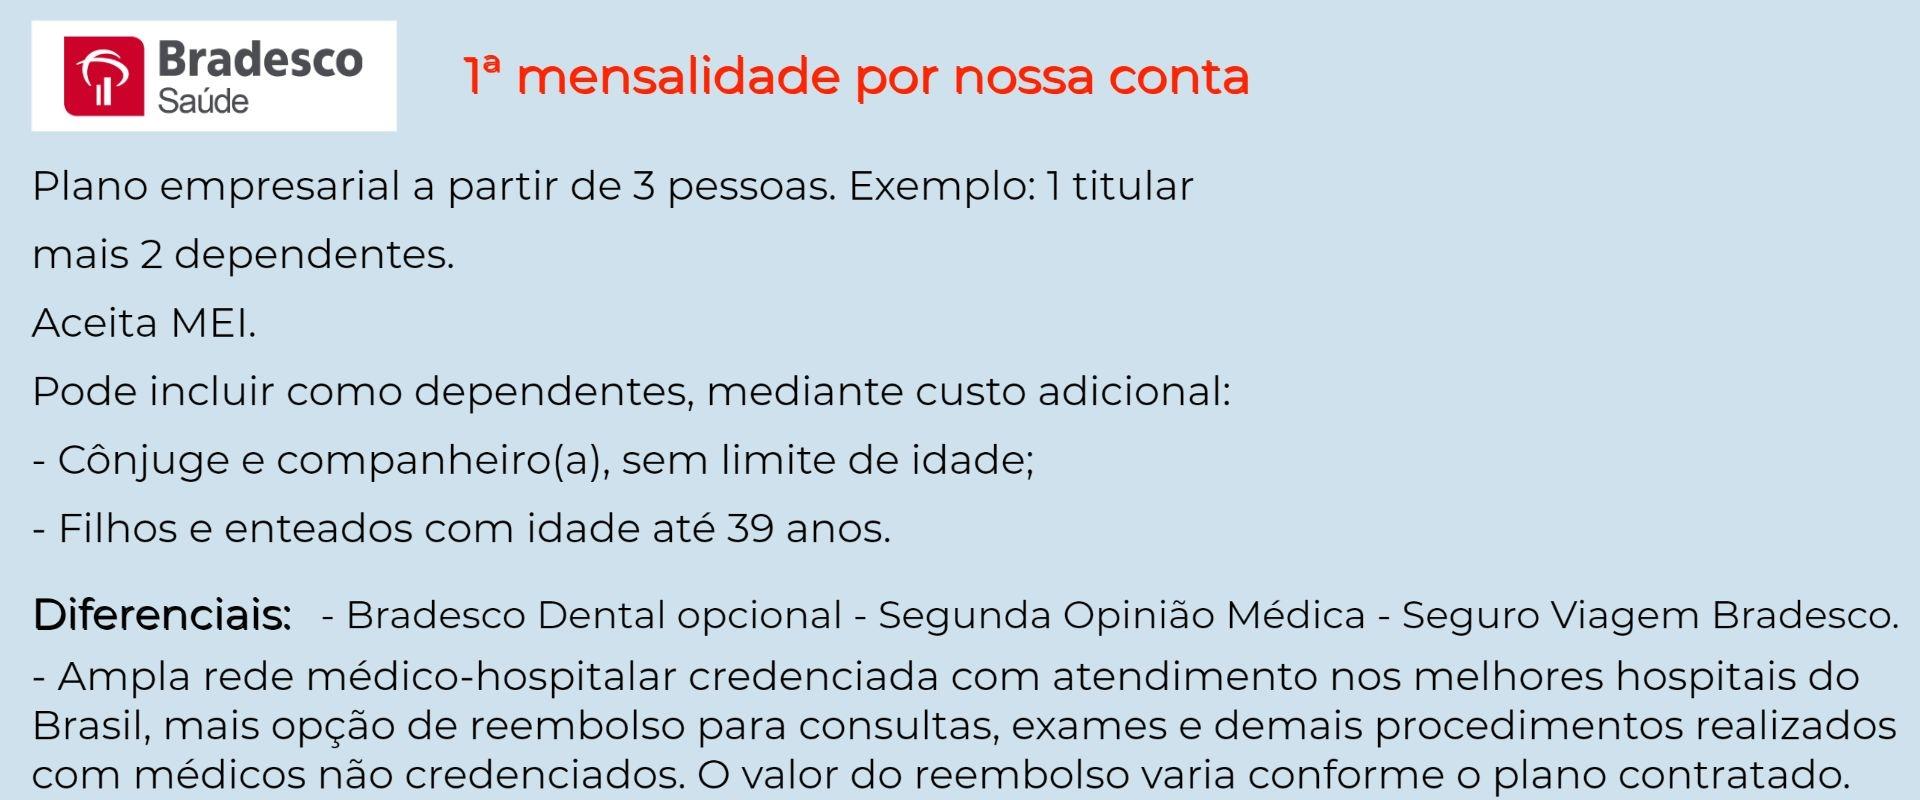 Bradesco Saúde Empresarial - Ribeirão Pires